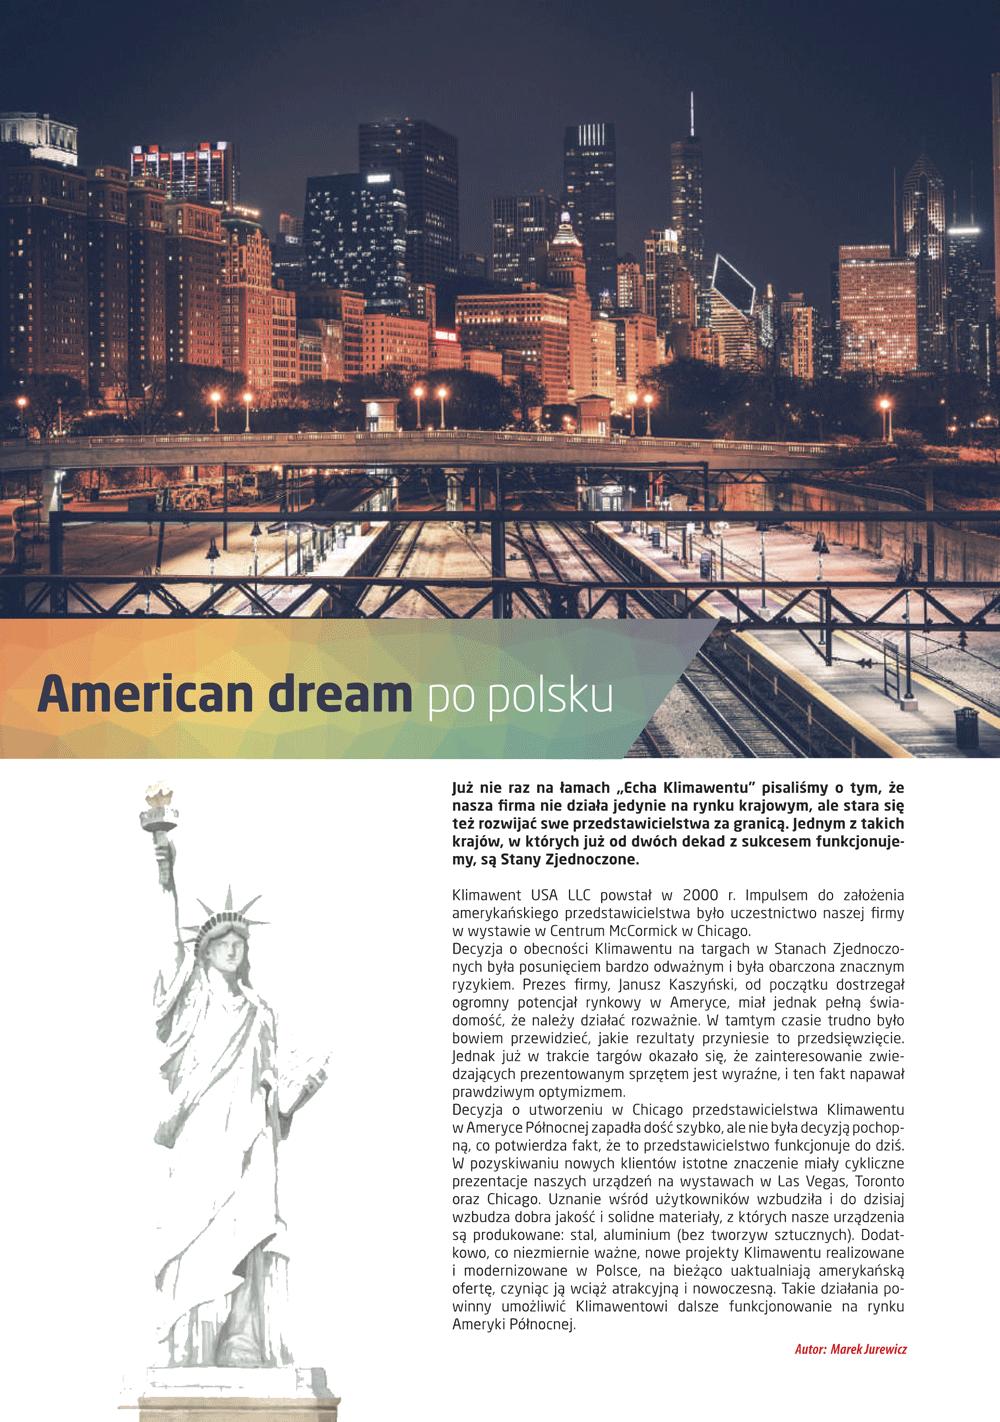 American dream po polsku